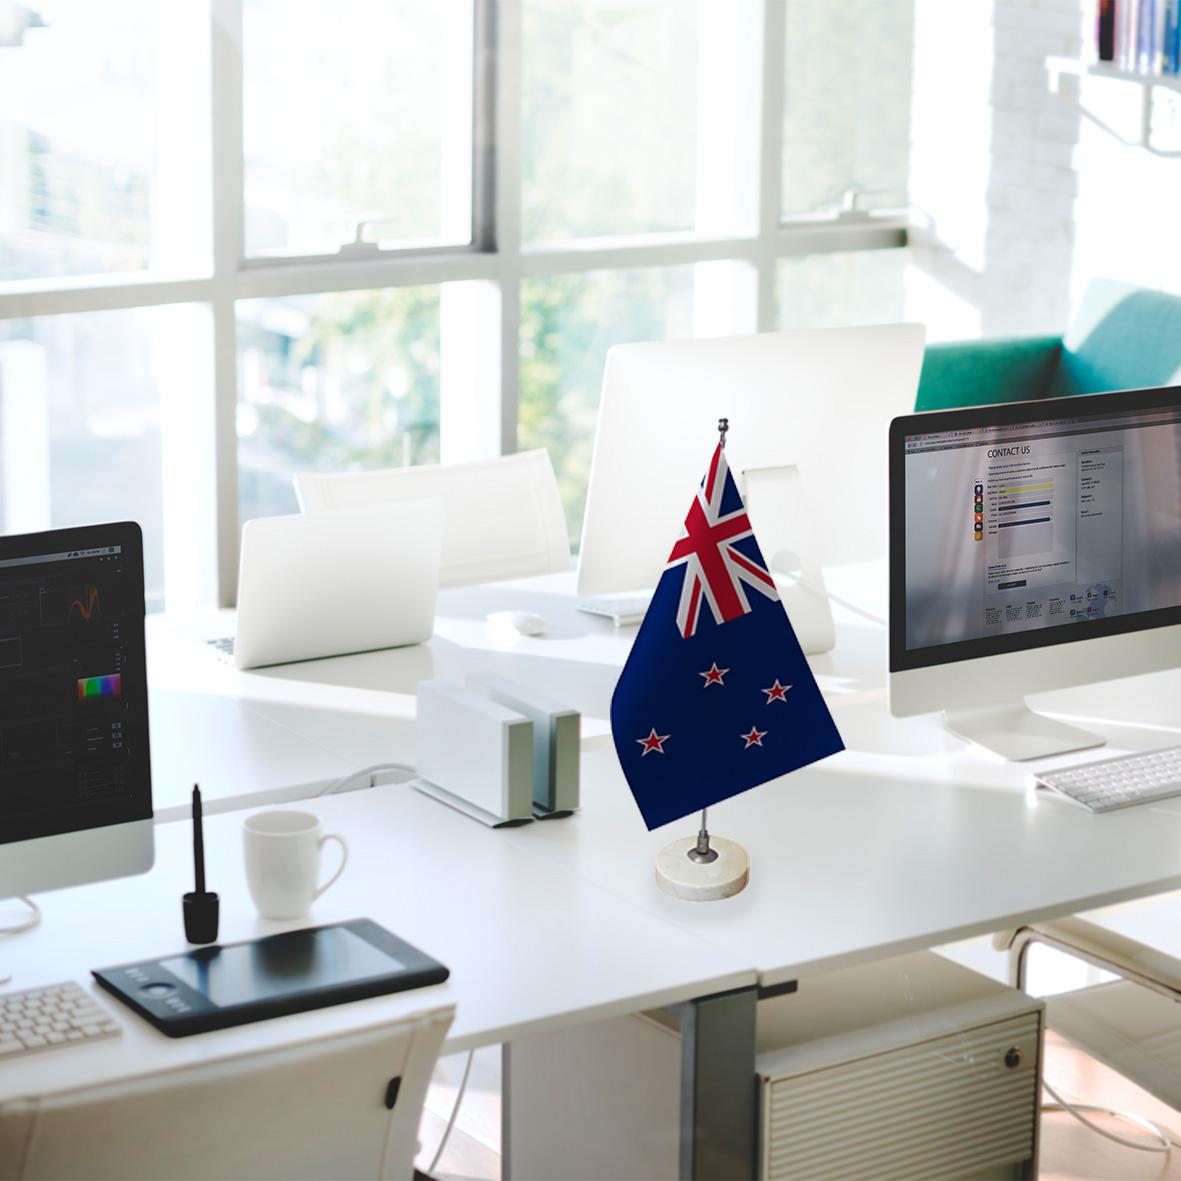 خرید                      پرچم رومیزی طرح پرچم کشور نیوزیلند کد pr59